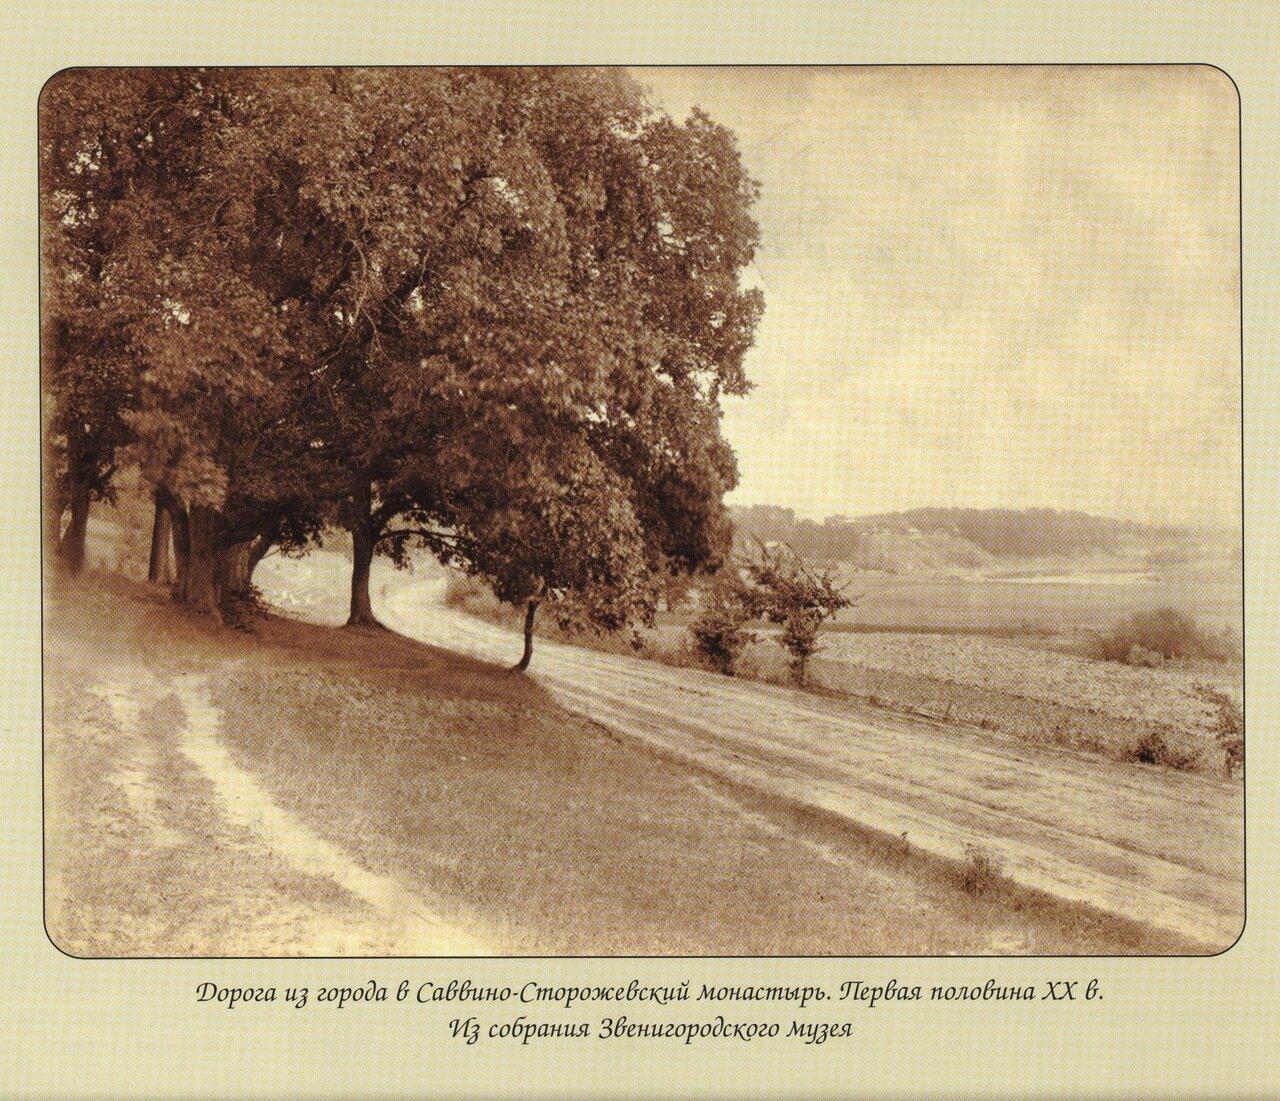 Дорога из города в Саввино-Сторожевский монастырь